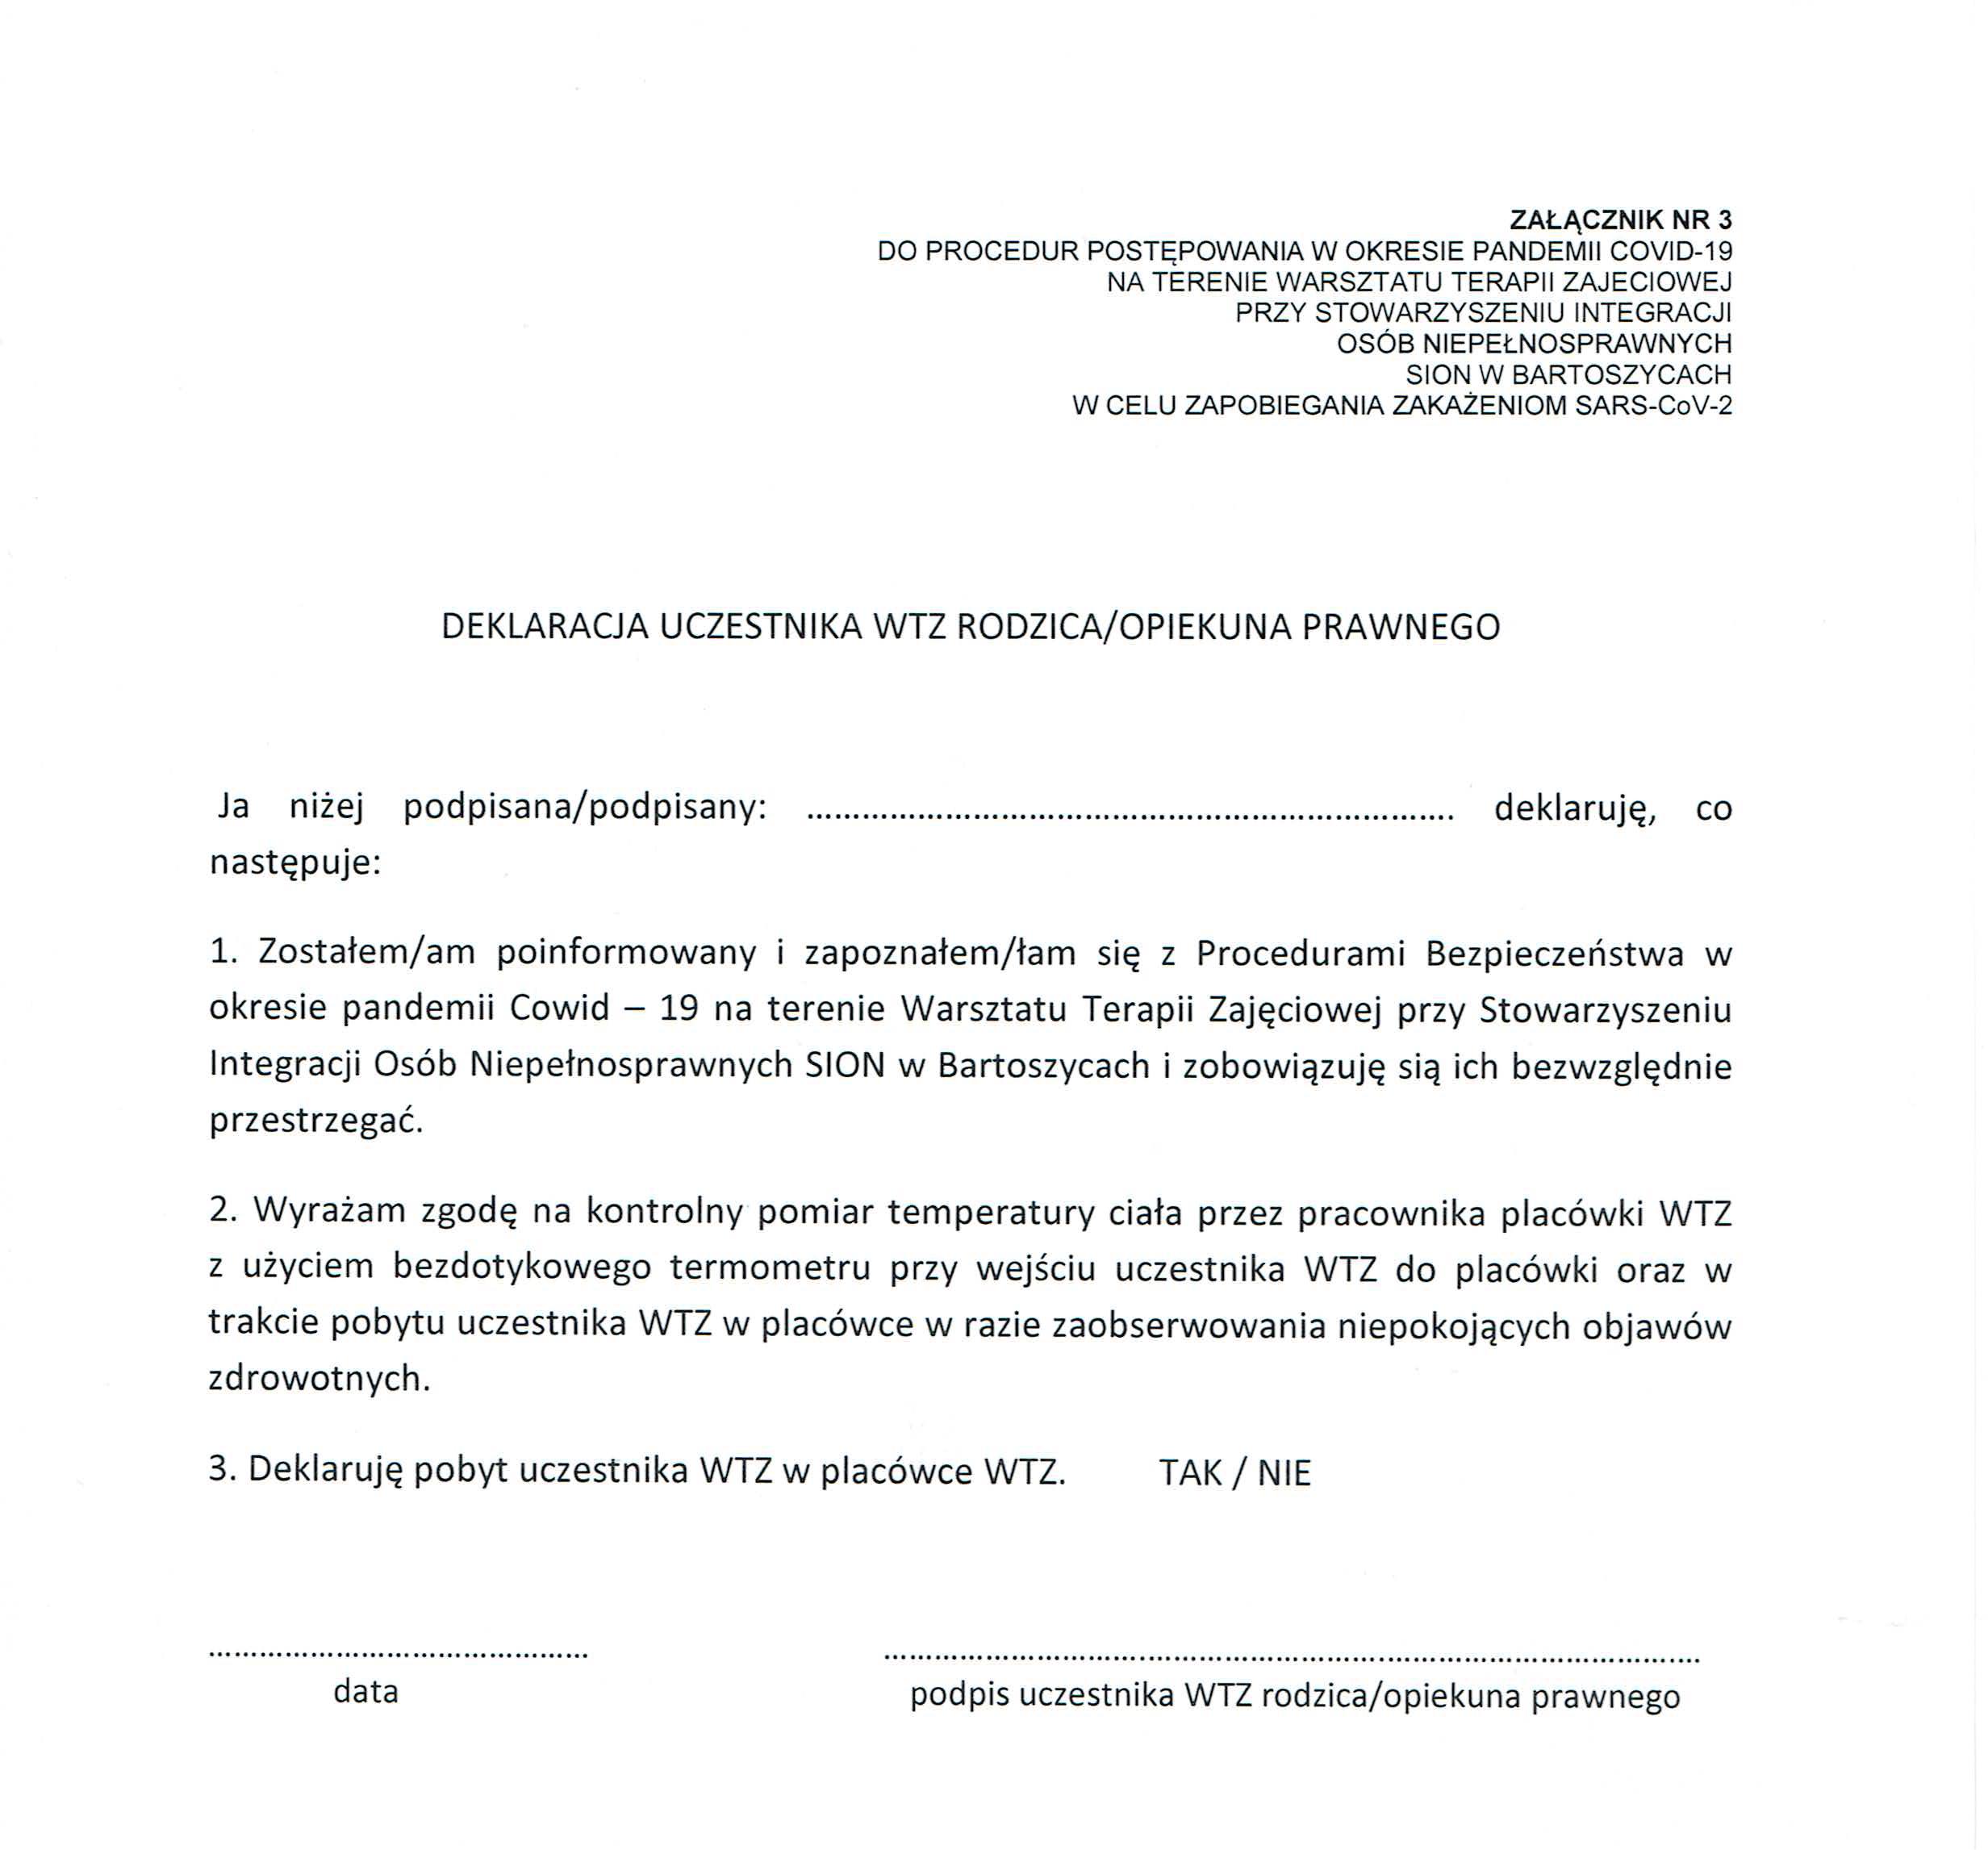 Procedury-postepowania-w-okresie-pandemii-COVID-19-16